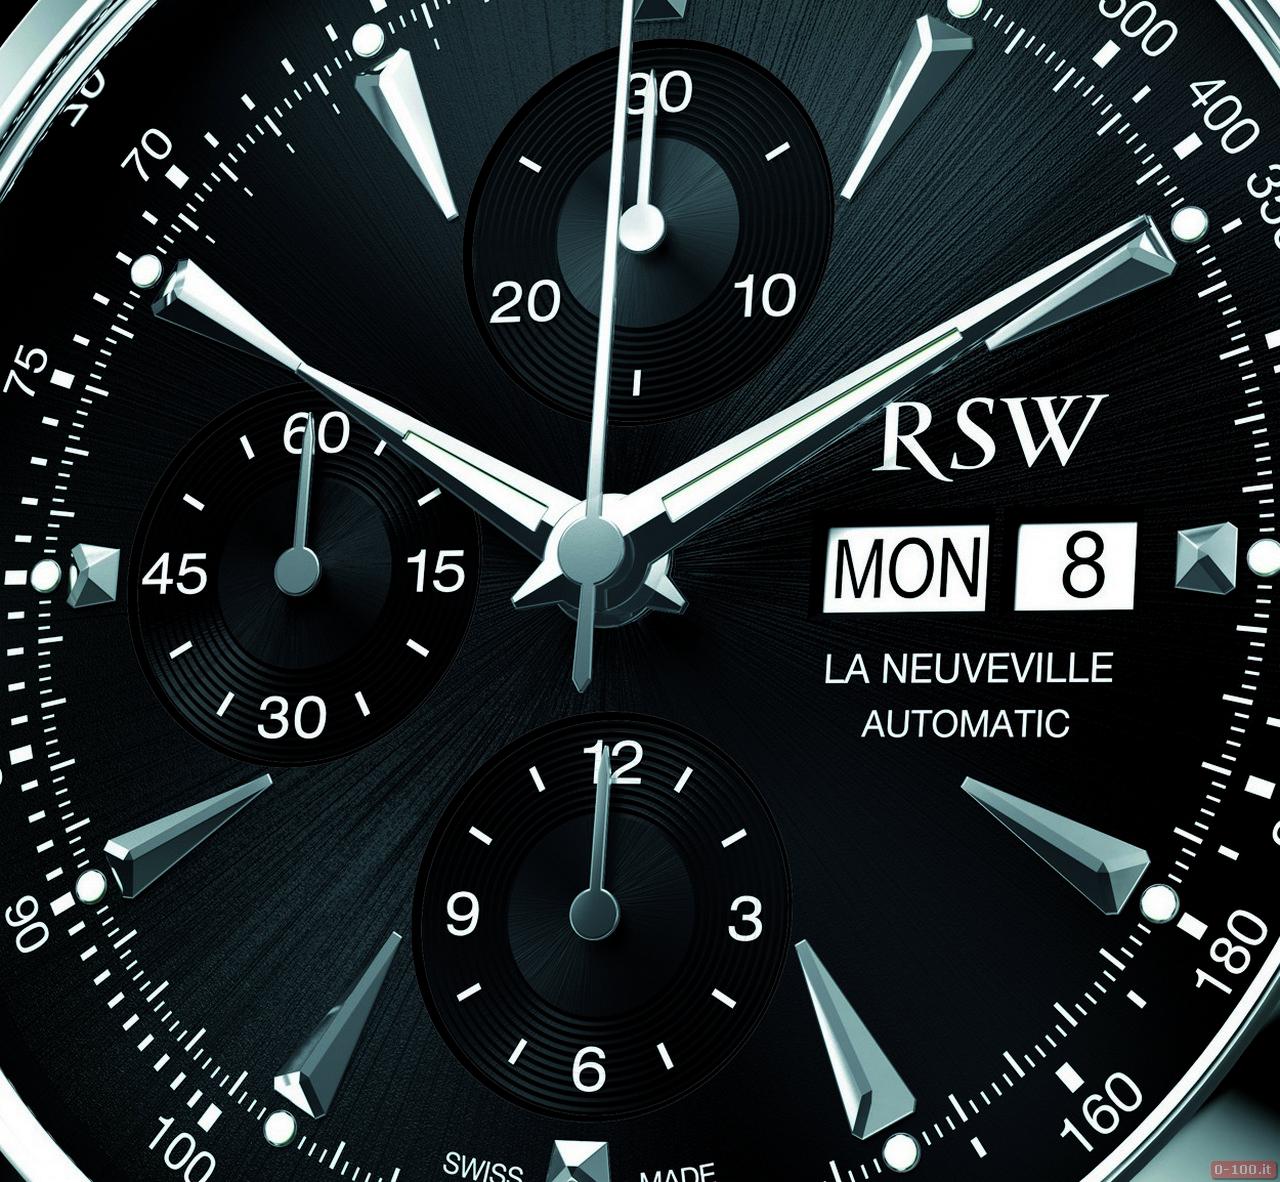 baselword-2013rsw-la-neuveville-chronographe_0-100 2